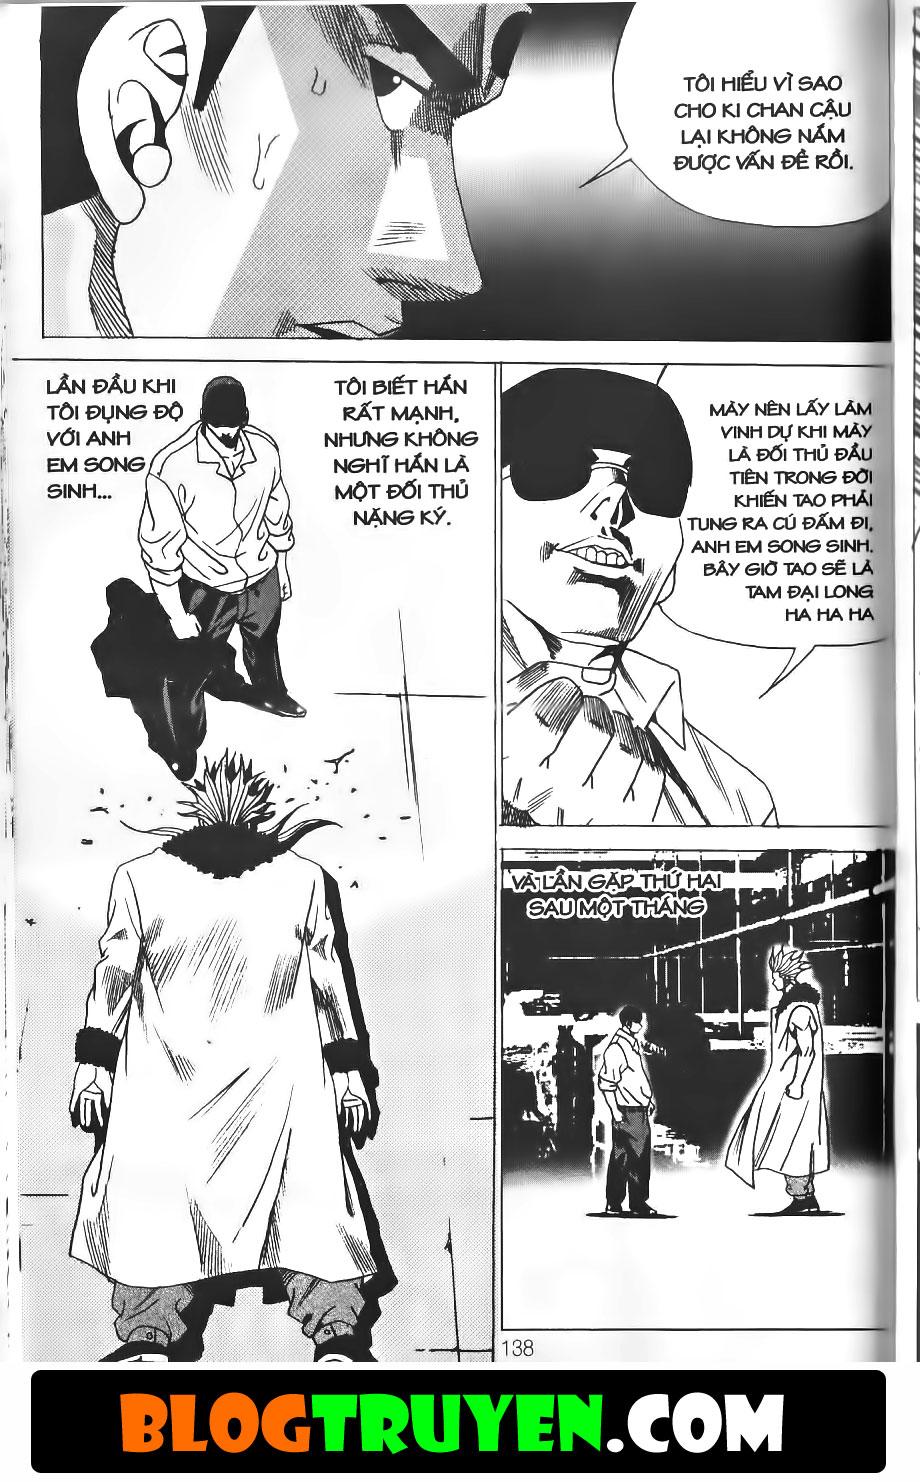 Bitagi - Anh chàng ngổ ngáo chap 182 trang 9